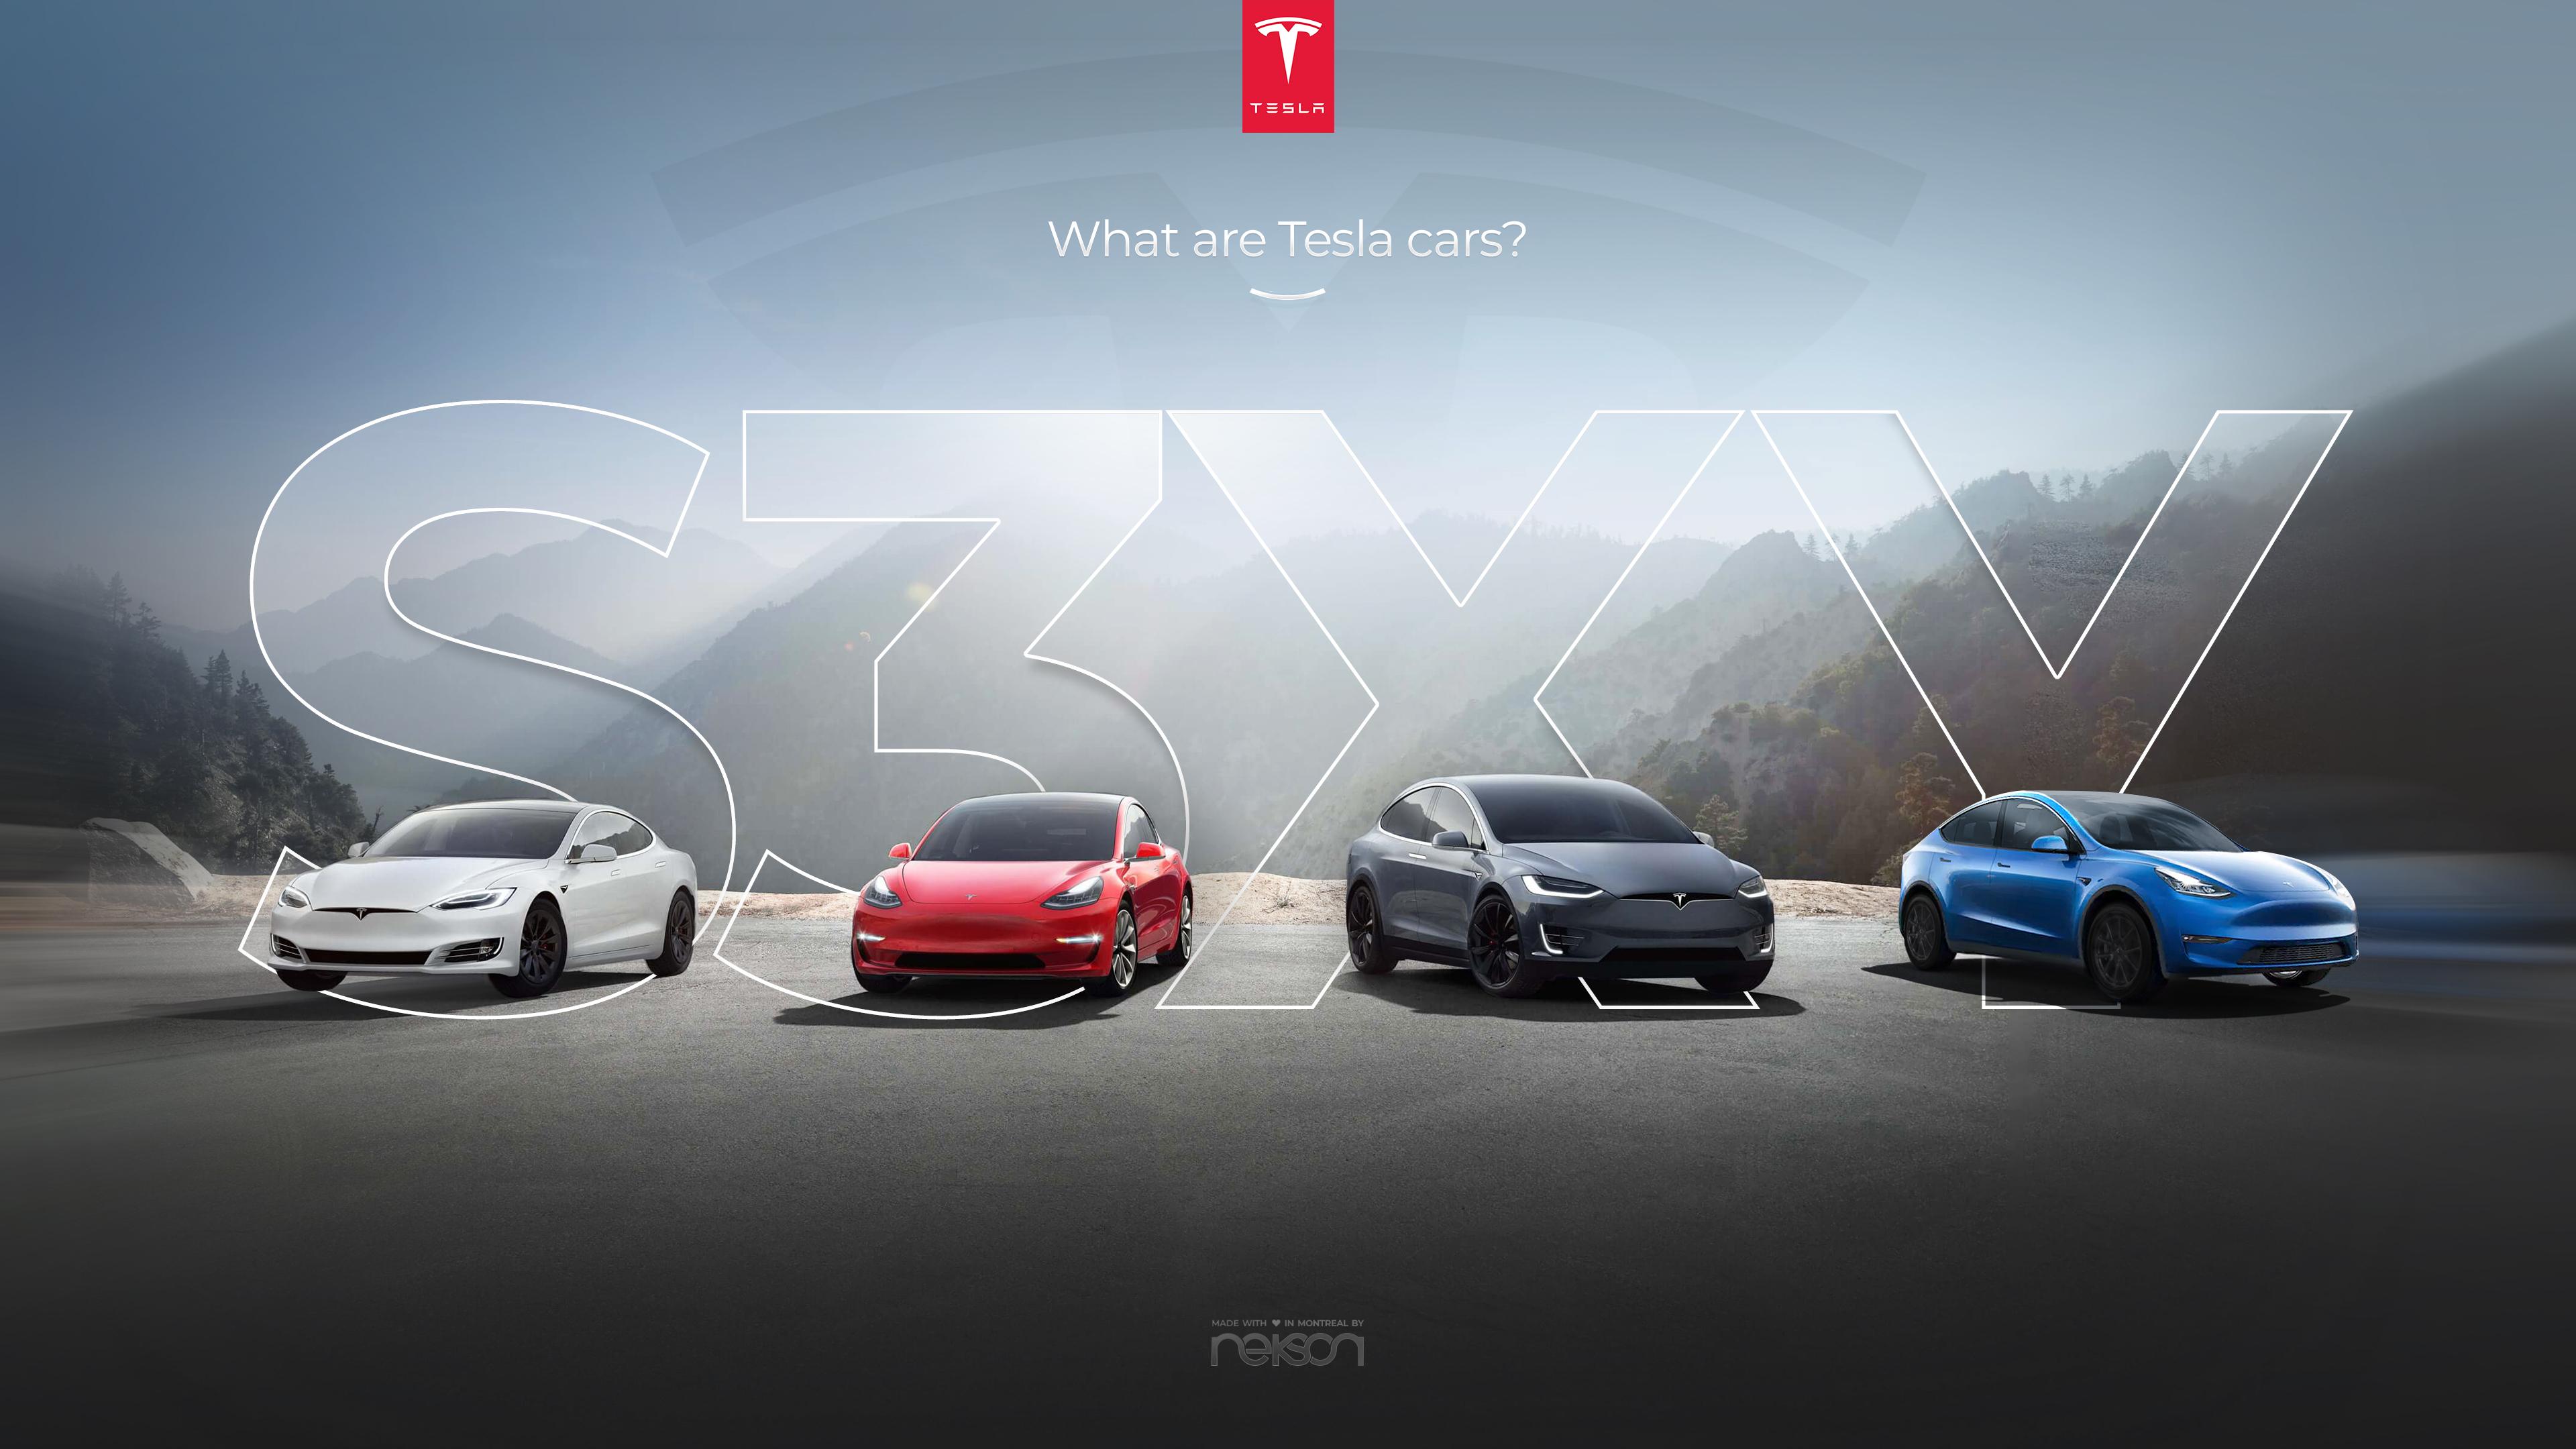 The New Tesla Website Webdesign We Made Montreal Digital Agency